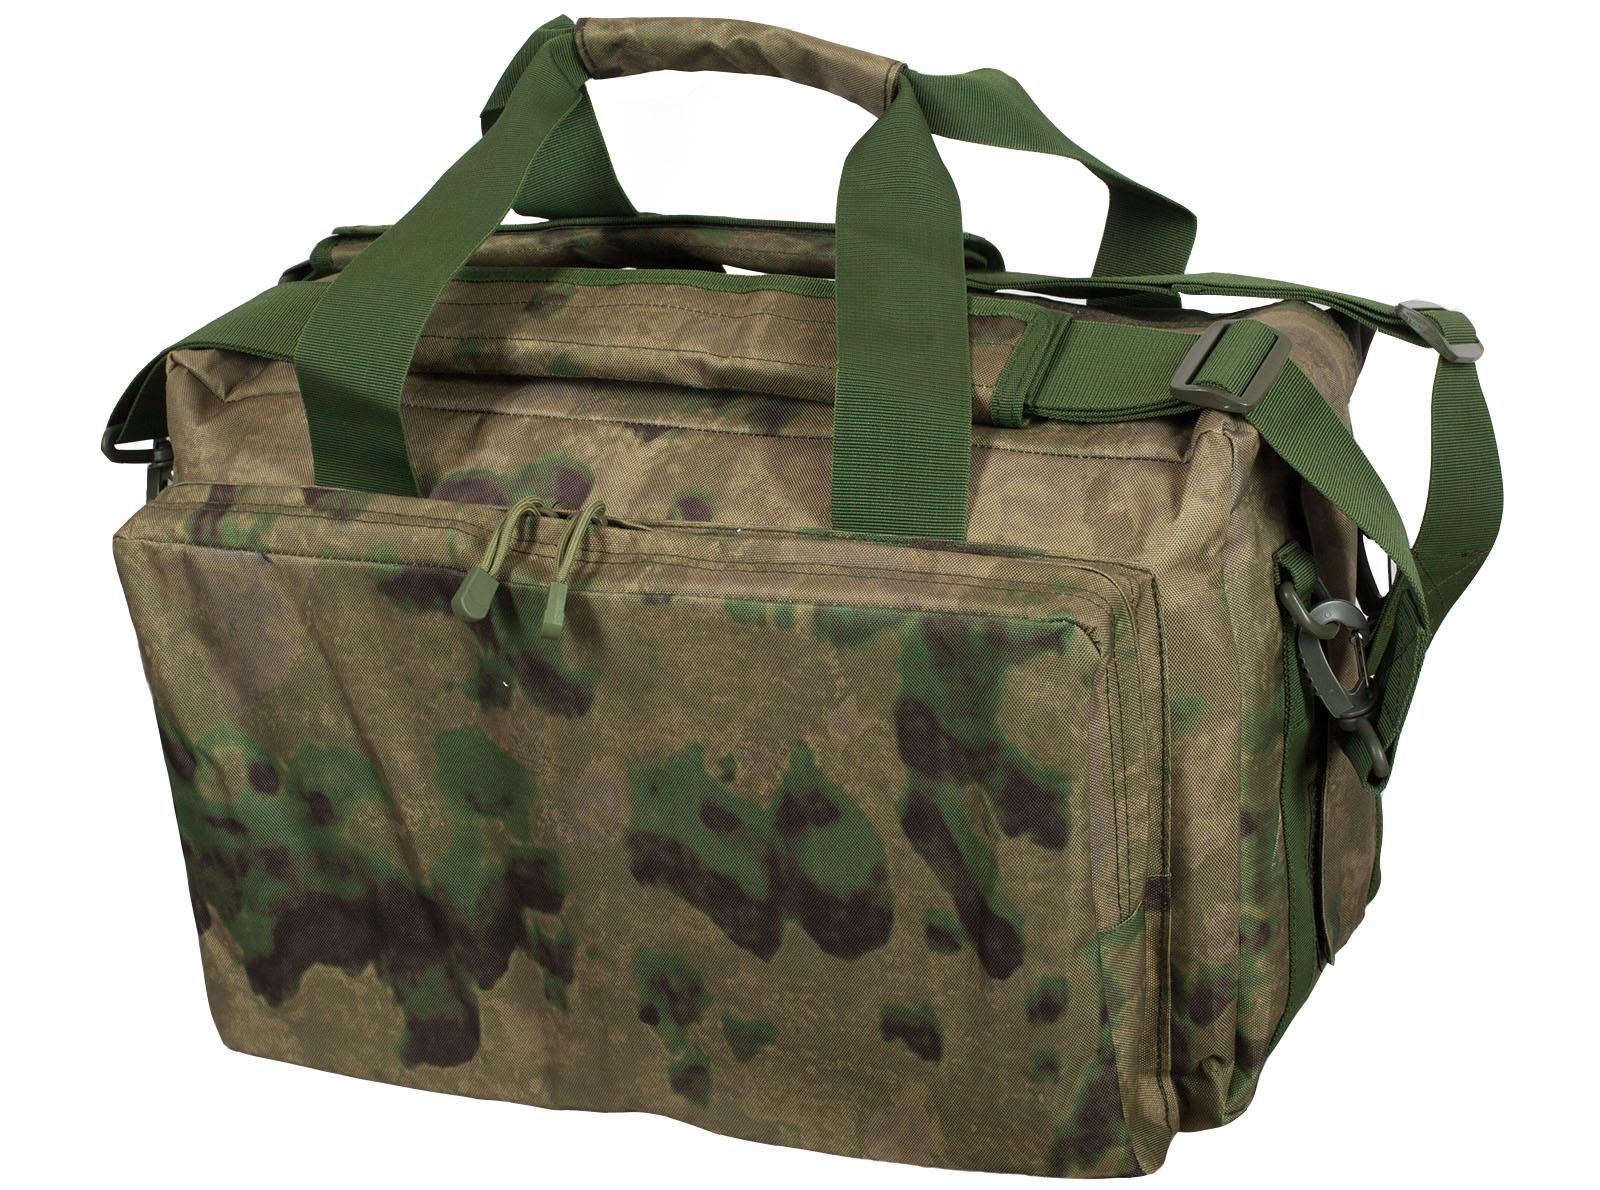 Камуфляжная полевая сумка с нашивкой Рыболовных войск заказать по лучшей цене